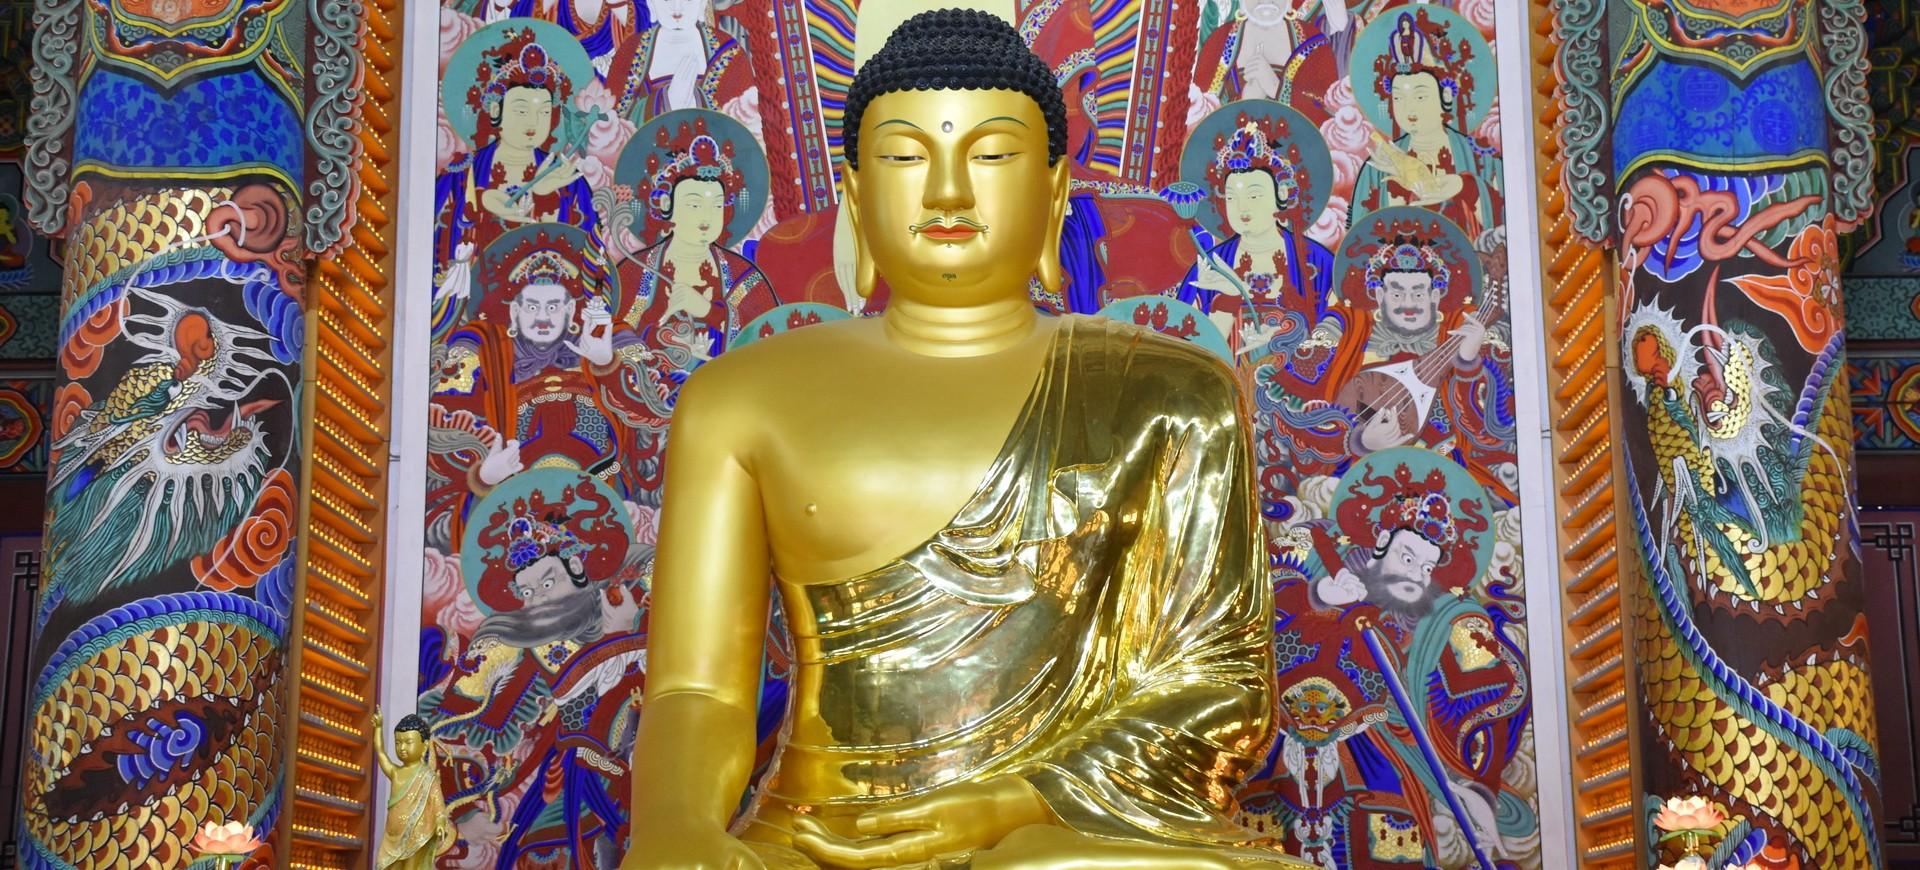 Statue du Bouddha dans le temple Pyeongchang Wolijeongsa en Corée du Sud